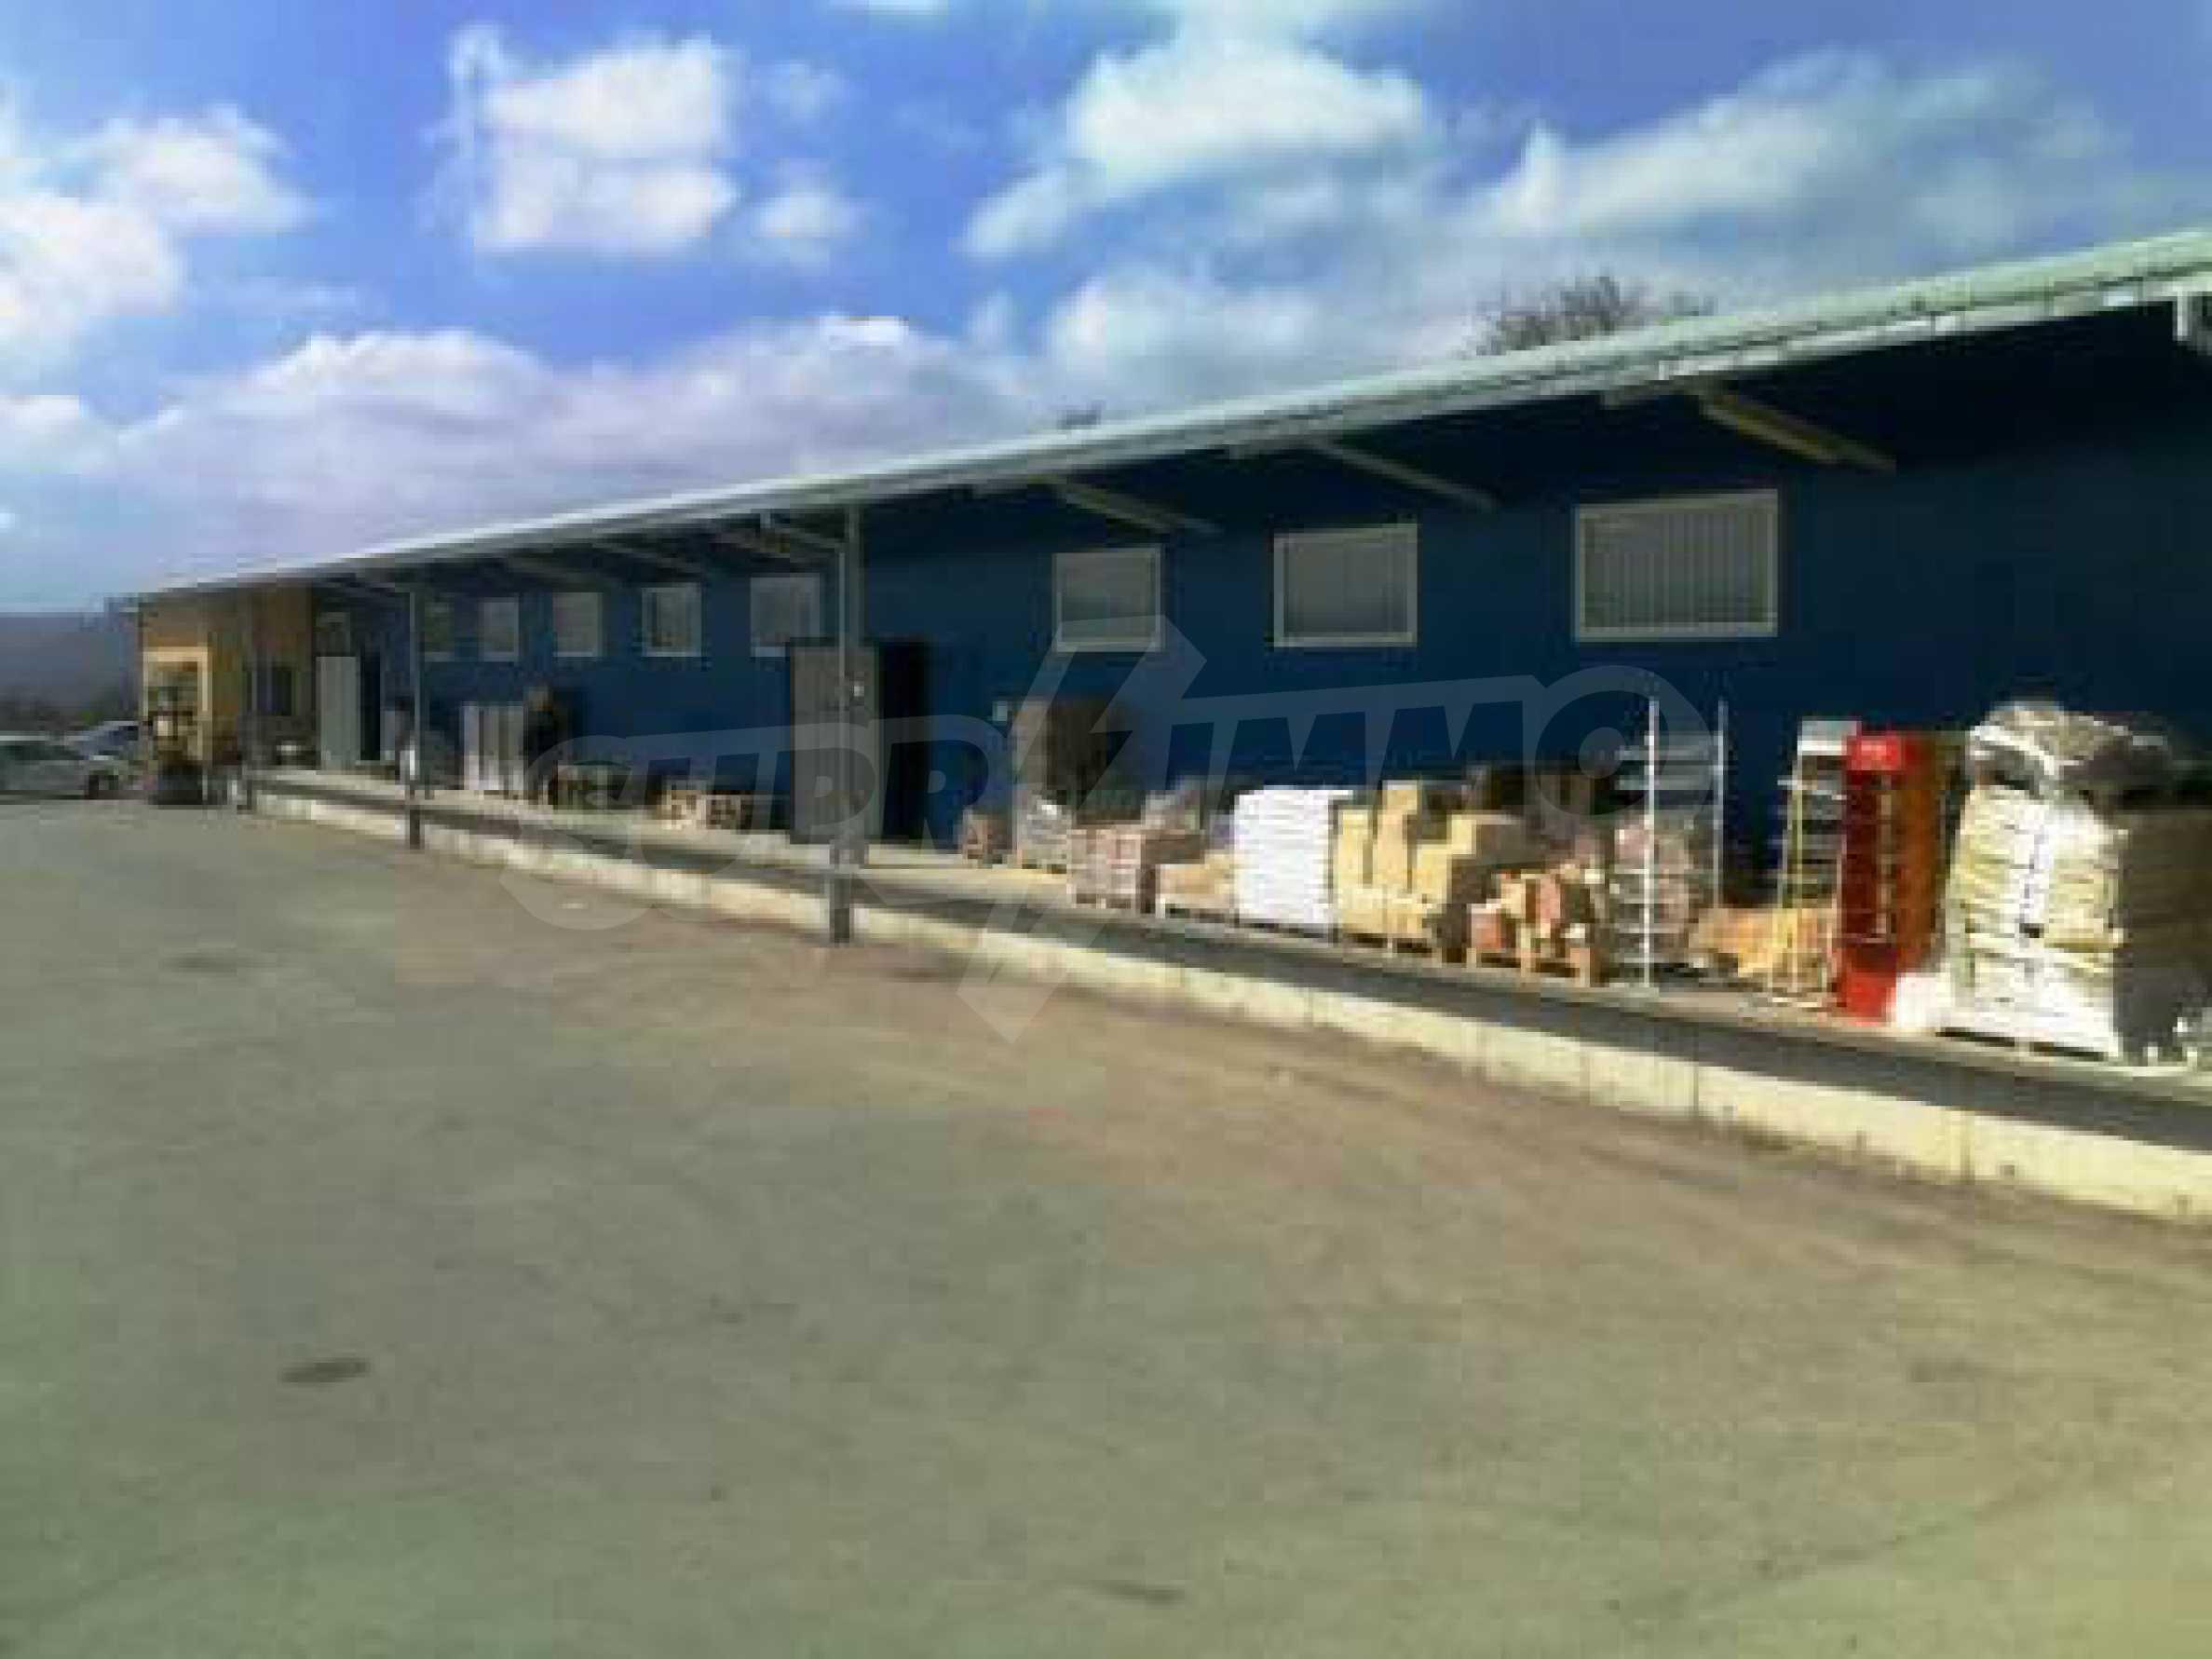 Handels- und Lagerbasis an der Hauptstraße Ruse - Svilengrad